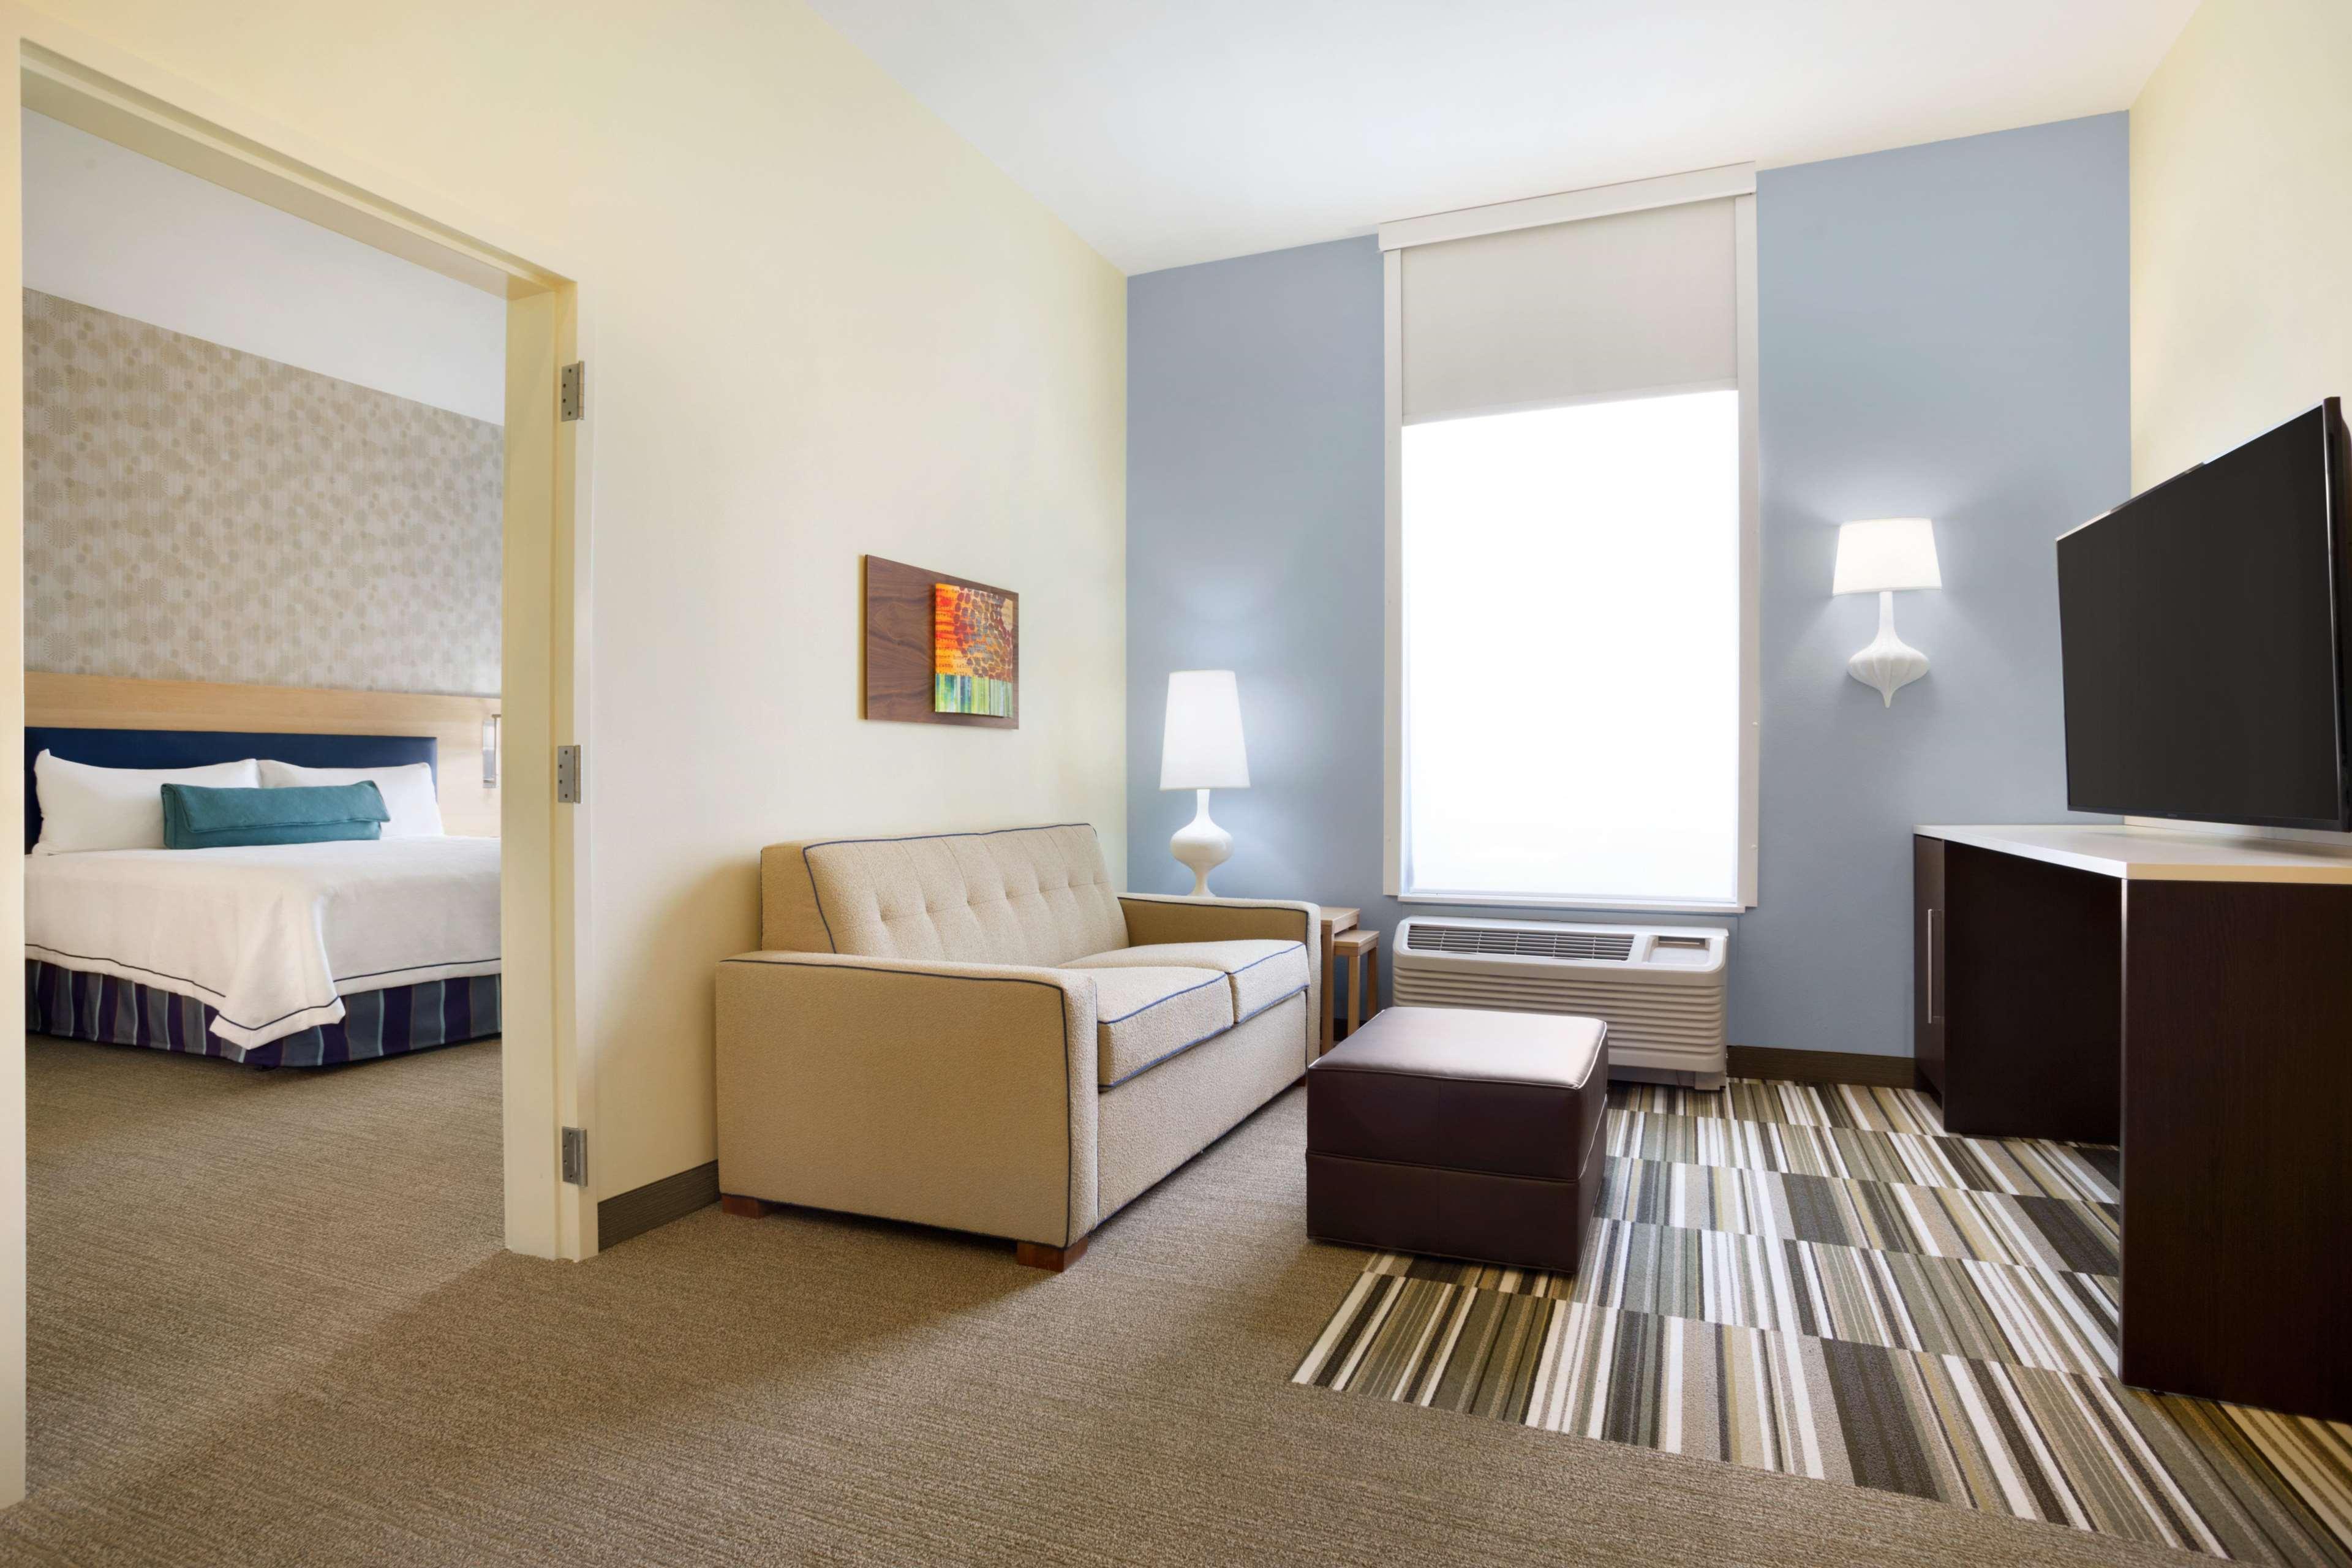 Home2 Suites by Hilton McAllen image 18